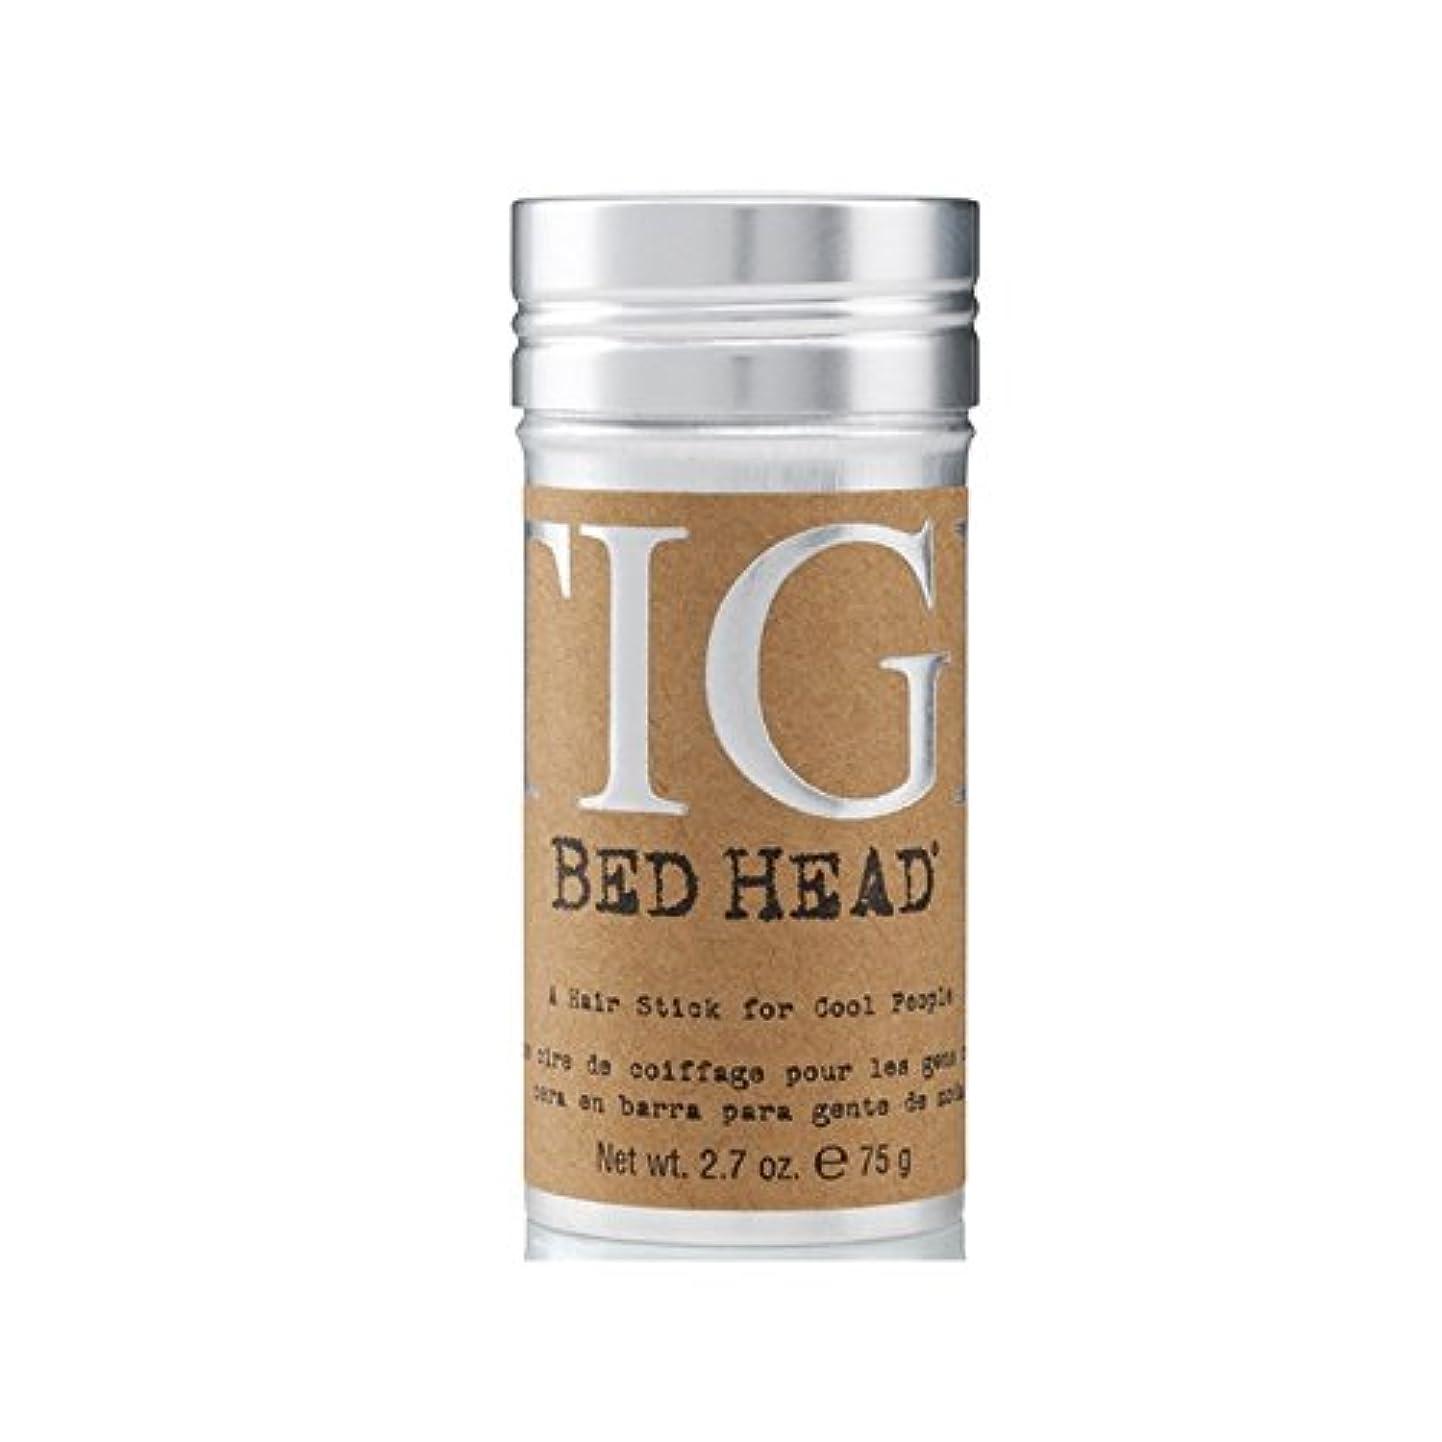 ジョージバーナードアンドリューハリディひもティジーベッドヘッドワックススティック(75グラム) x2 - Tigi Bed Head Wax Stick (75G) (Pack of 2) [並行輸入品]